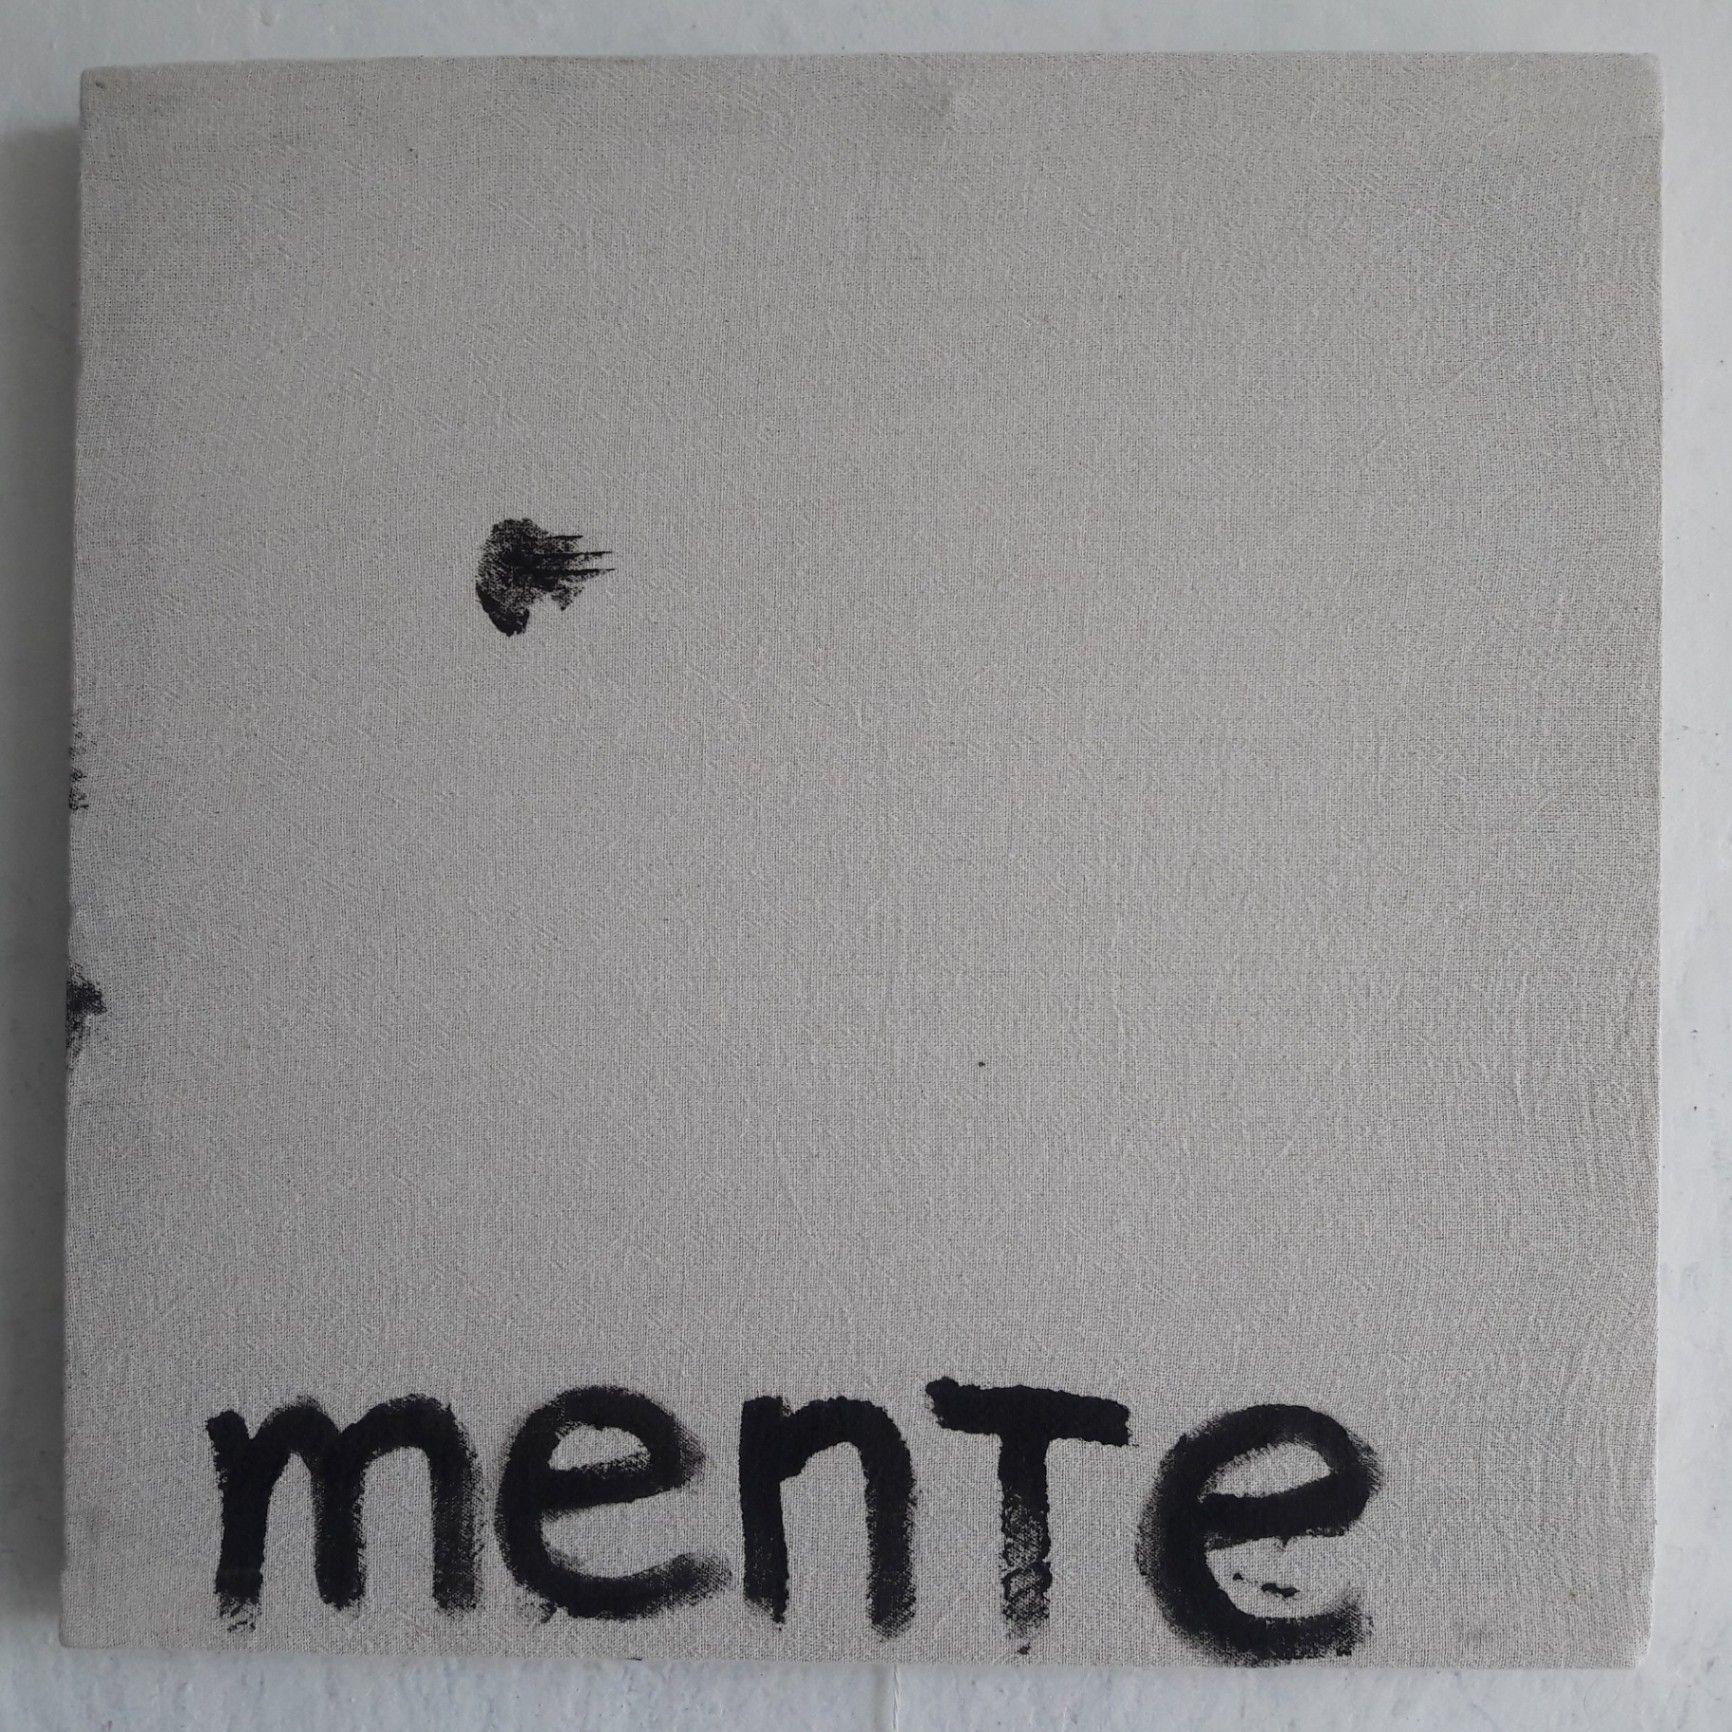 Obra: Fragmento de Políticamente incorrecto. De la Serie Microbrigada artística. Alegoría Klein-Saavedra.